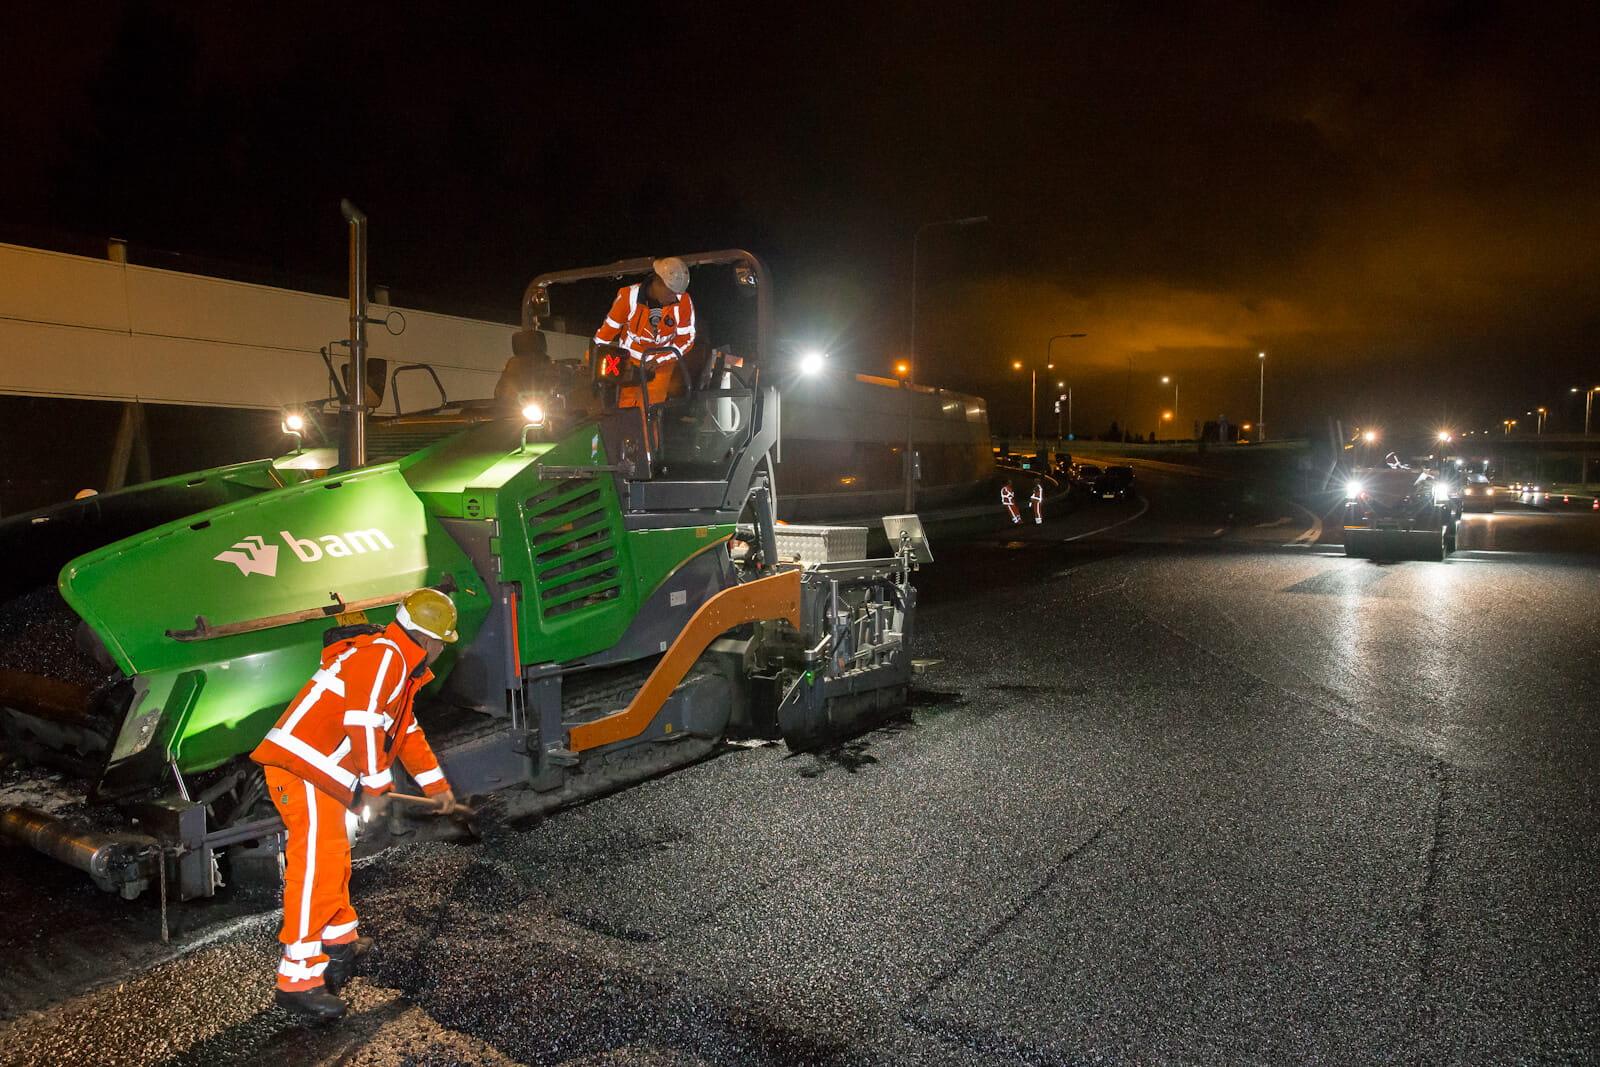 Verduurzaming in de asfaltsector slaagt alleen als techniek én markt gelijk opgaan